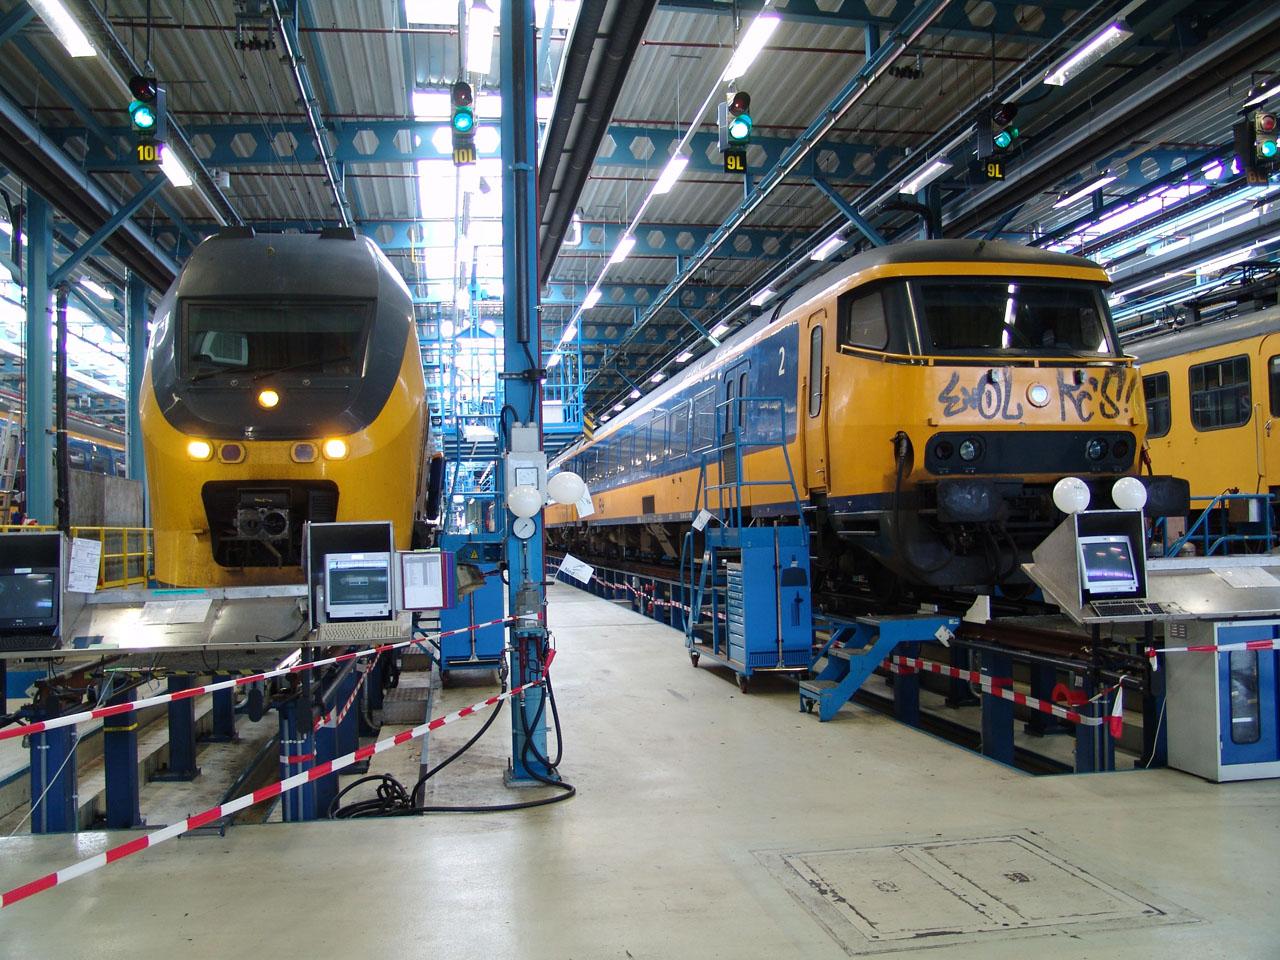 Spoorwegmaterieel   Het elektrische spoorwegmaterieel van de Nederlandse Spoorwegen